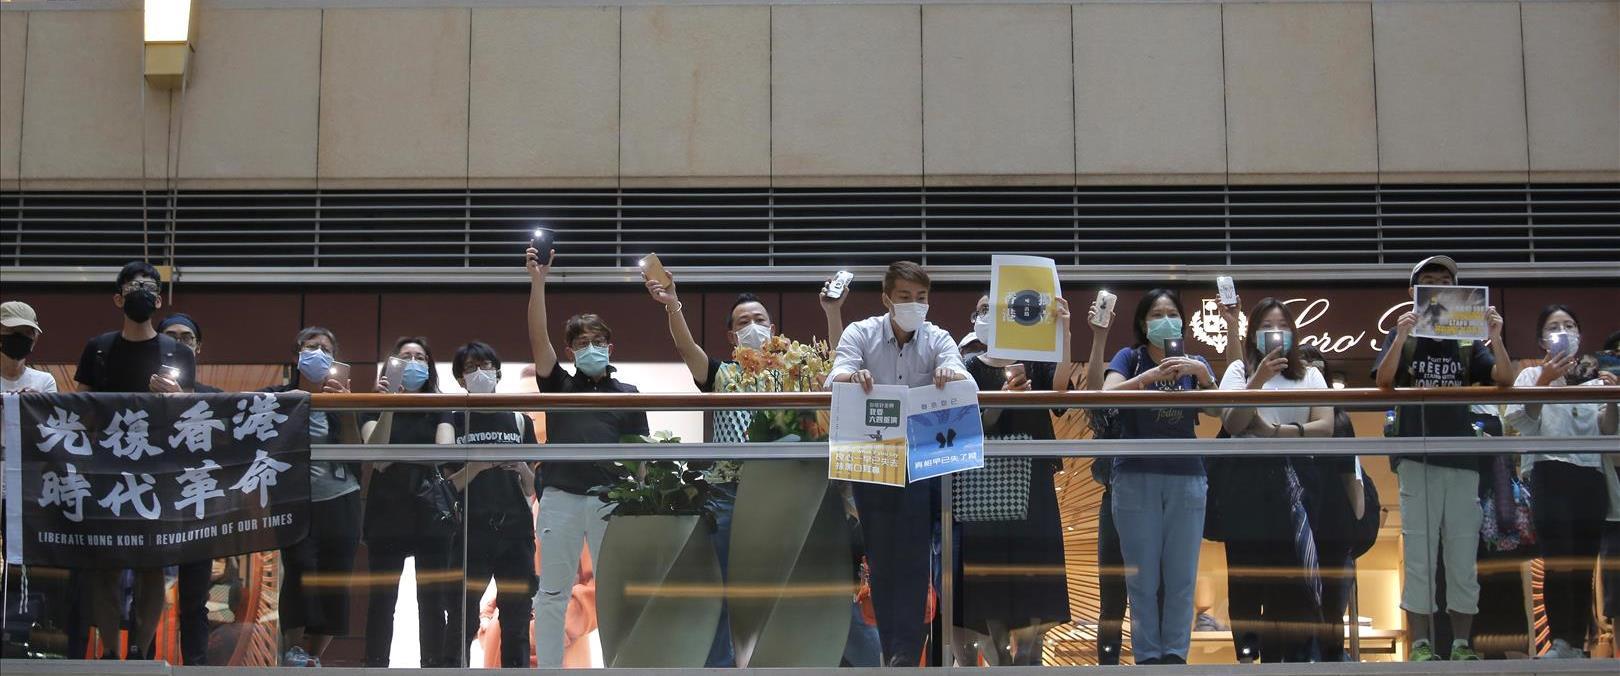 מחאות בהונג קונג